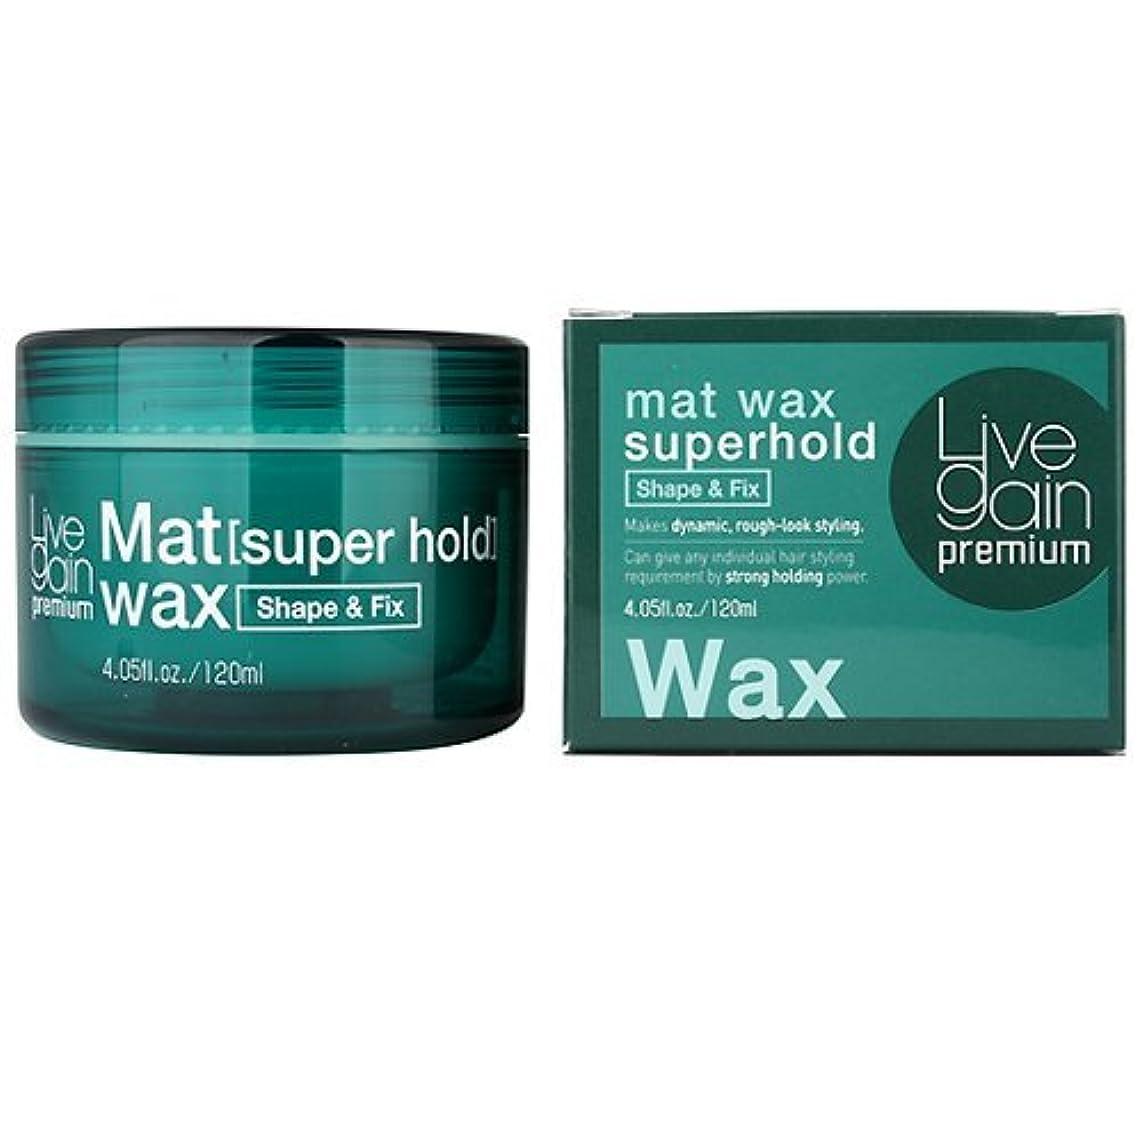 霜レーザ解放Livegain プレミアム マット ワックス スーパーホールド 120ml マット ヘア ワックス ストロング ホールド (Premium Mat Wax Superhold 120ml Matte Hair wax...